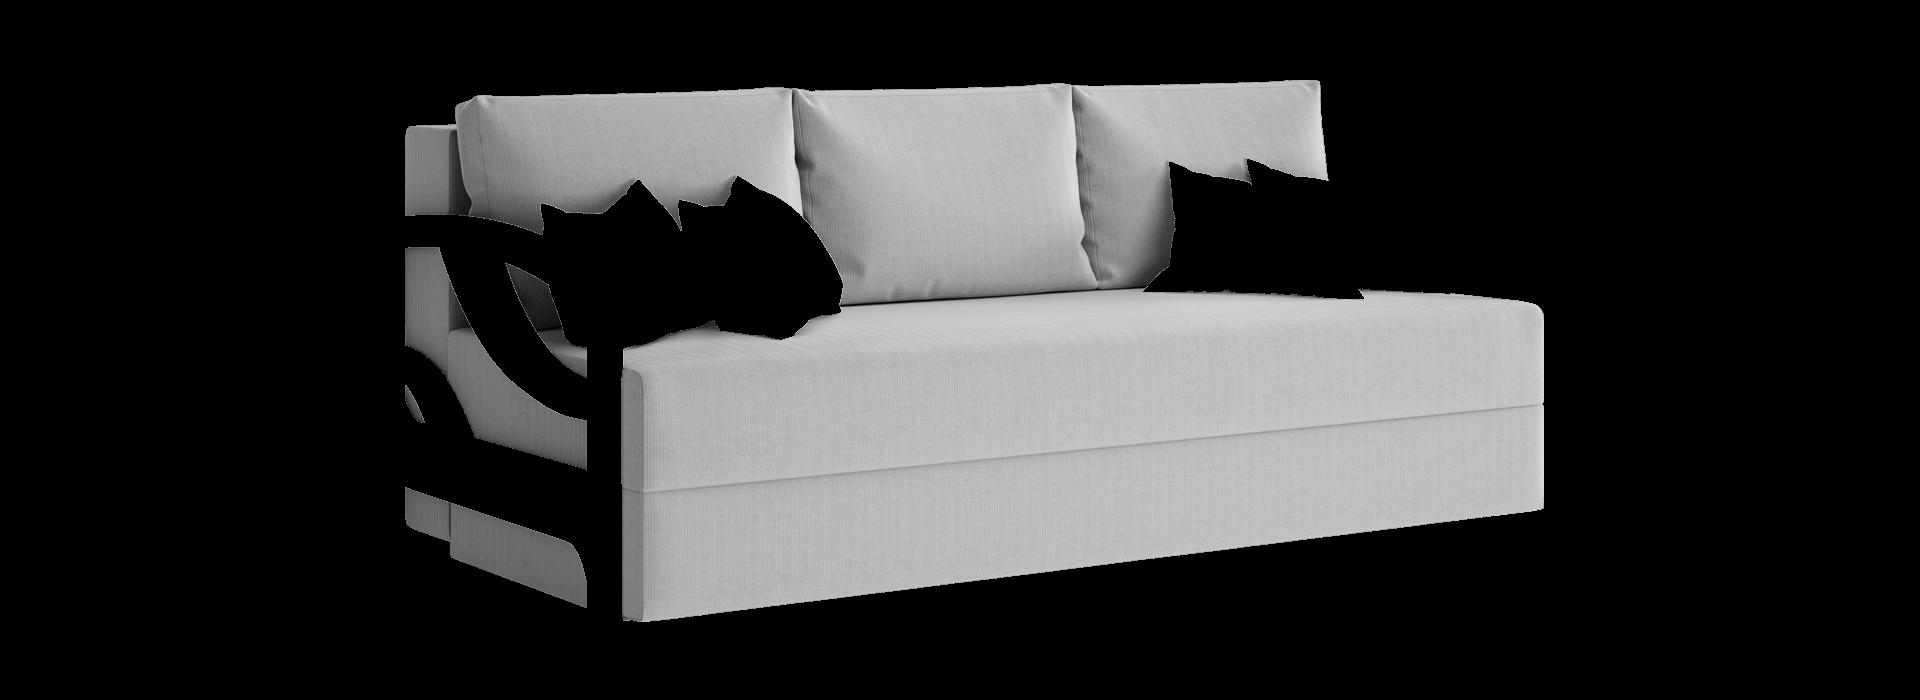 Ор-4 Прямой диван - маска 2